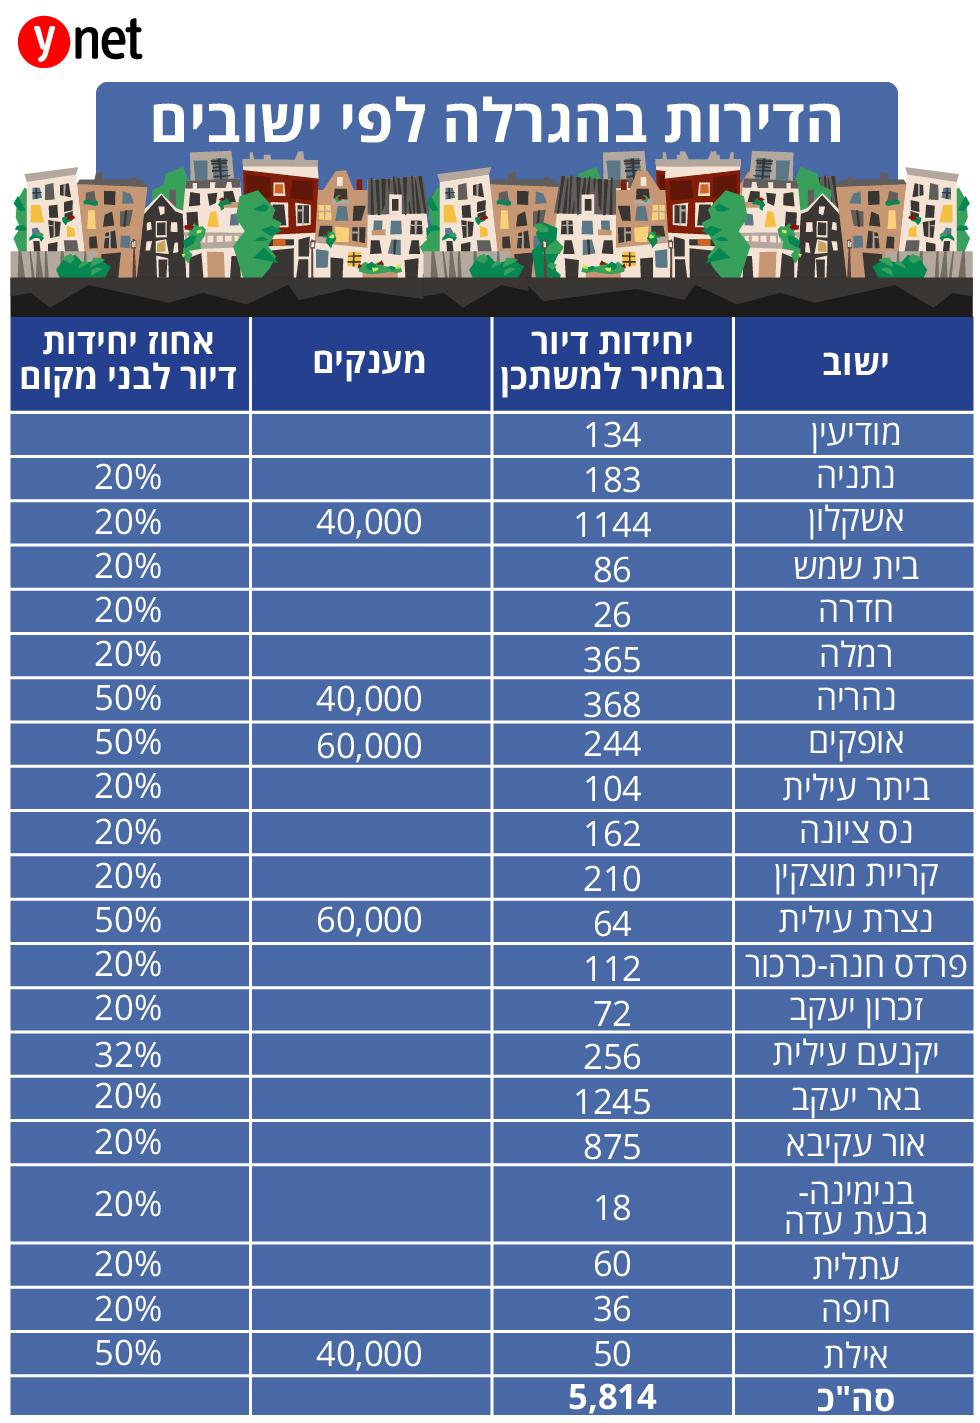 דירות בחלוקה לישובים - הגרלה 6 של מחיר למשתכן (נתונים: משרד האוצר)